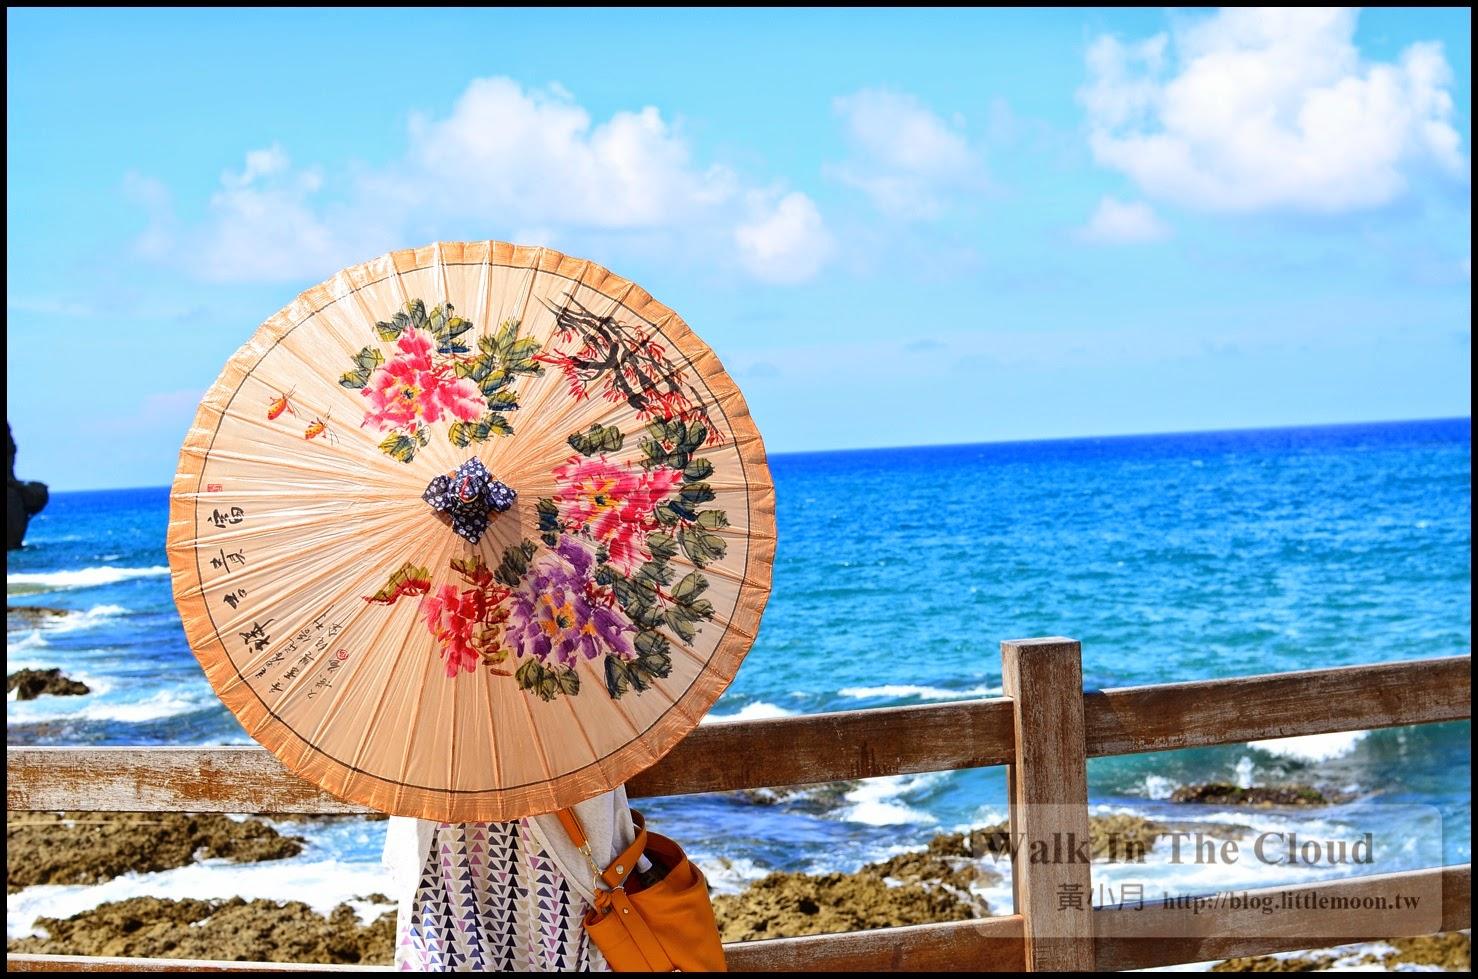 油紙傘與蔚藍海岸